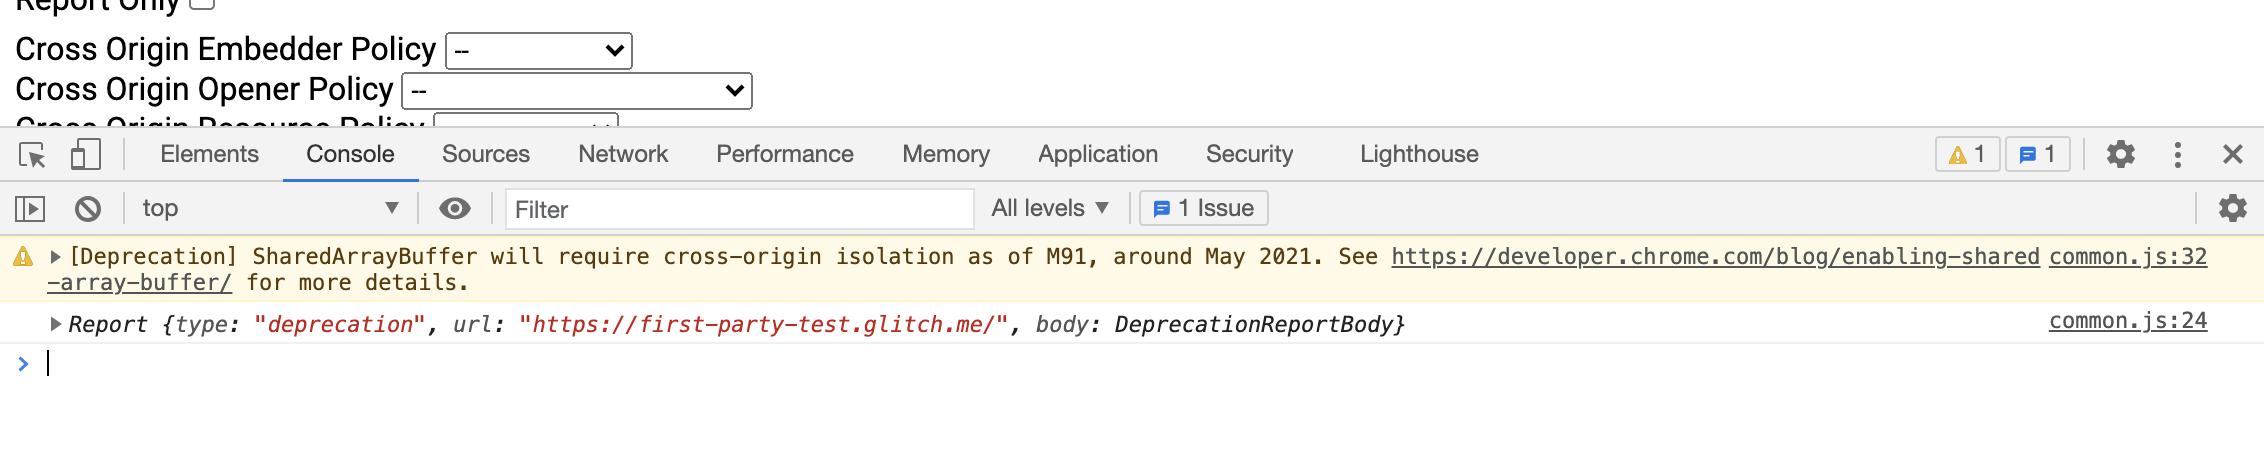 Предупреждение в консоли DevTools об использовании SharedArrayBuffer без межсайтовой изоляции